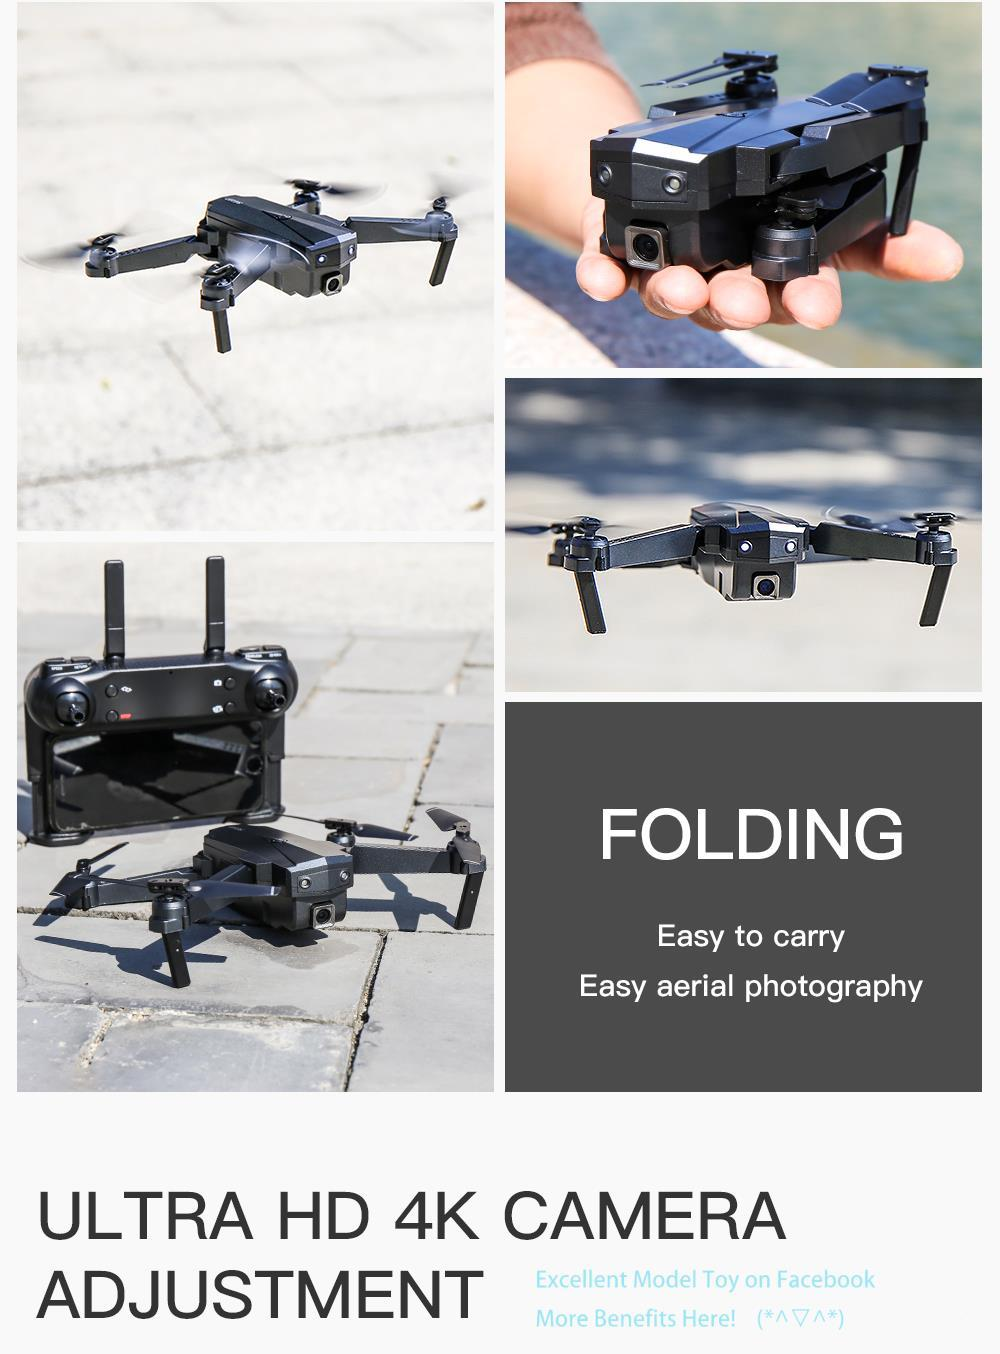 SG107 4K Double Camera Wifi FPV Anfänger Drohne Kid Spielzeug, Optische Fließpositionierung, Höhe Halten Sie intelligente Folge, Geste nehmen Foto, verwenden Sie